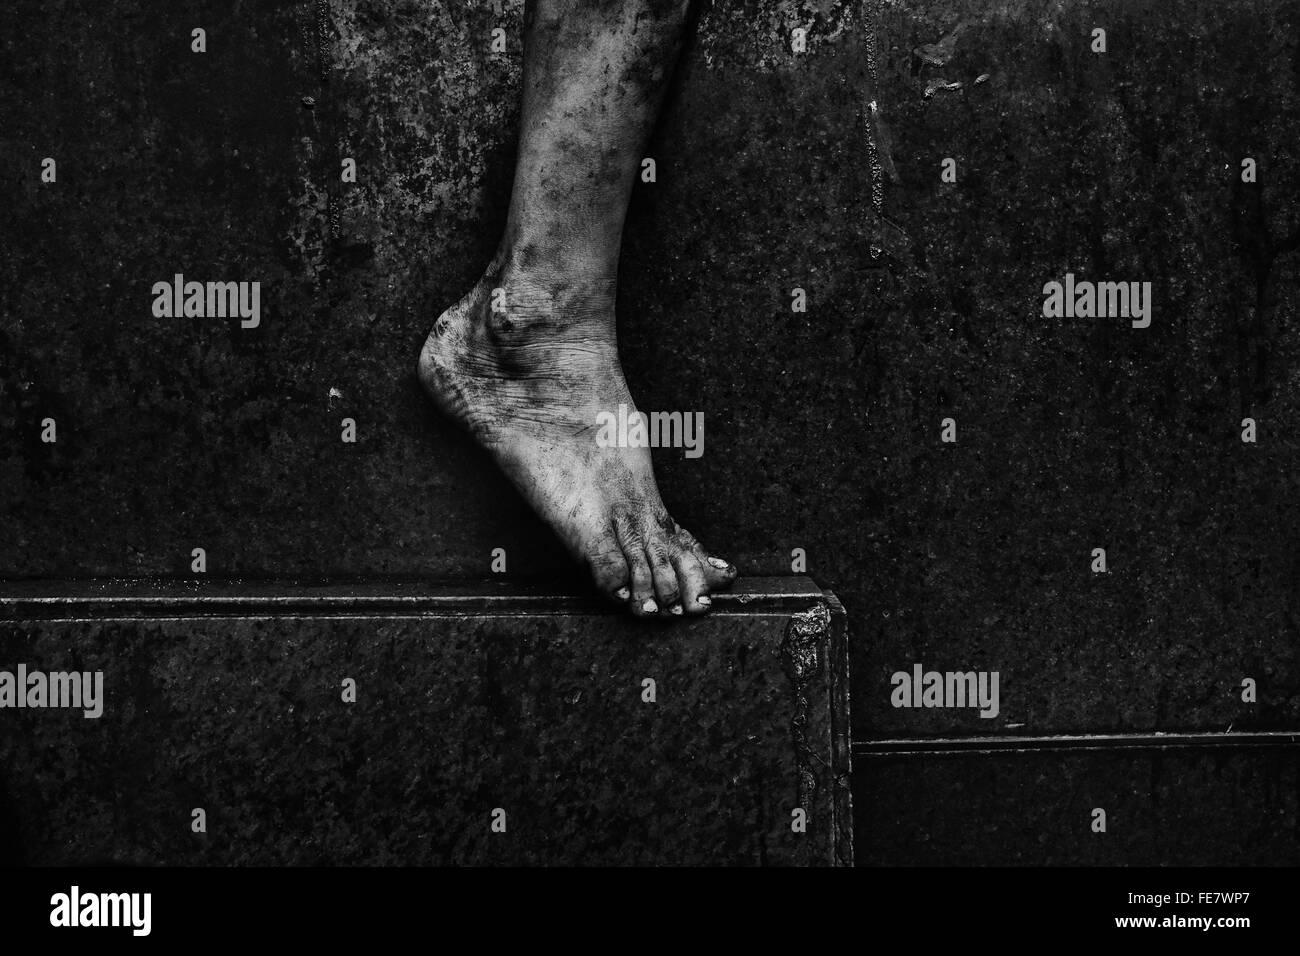 Bajo la sección de Barefoot Imagen De Stock